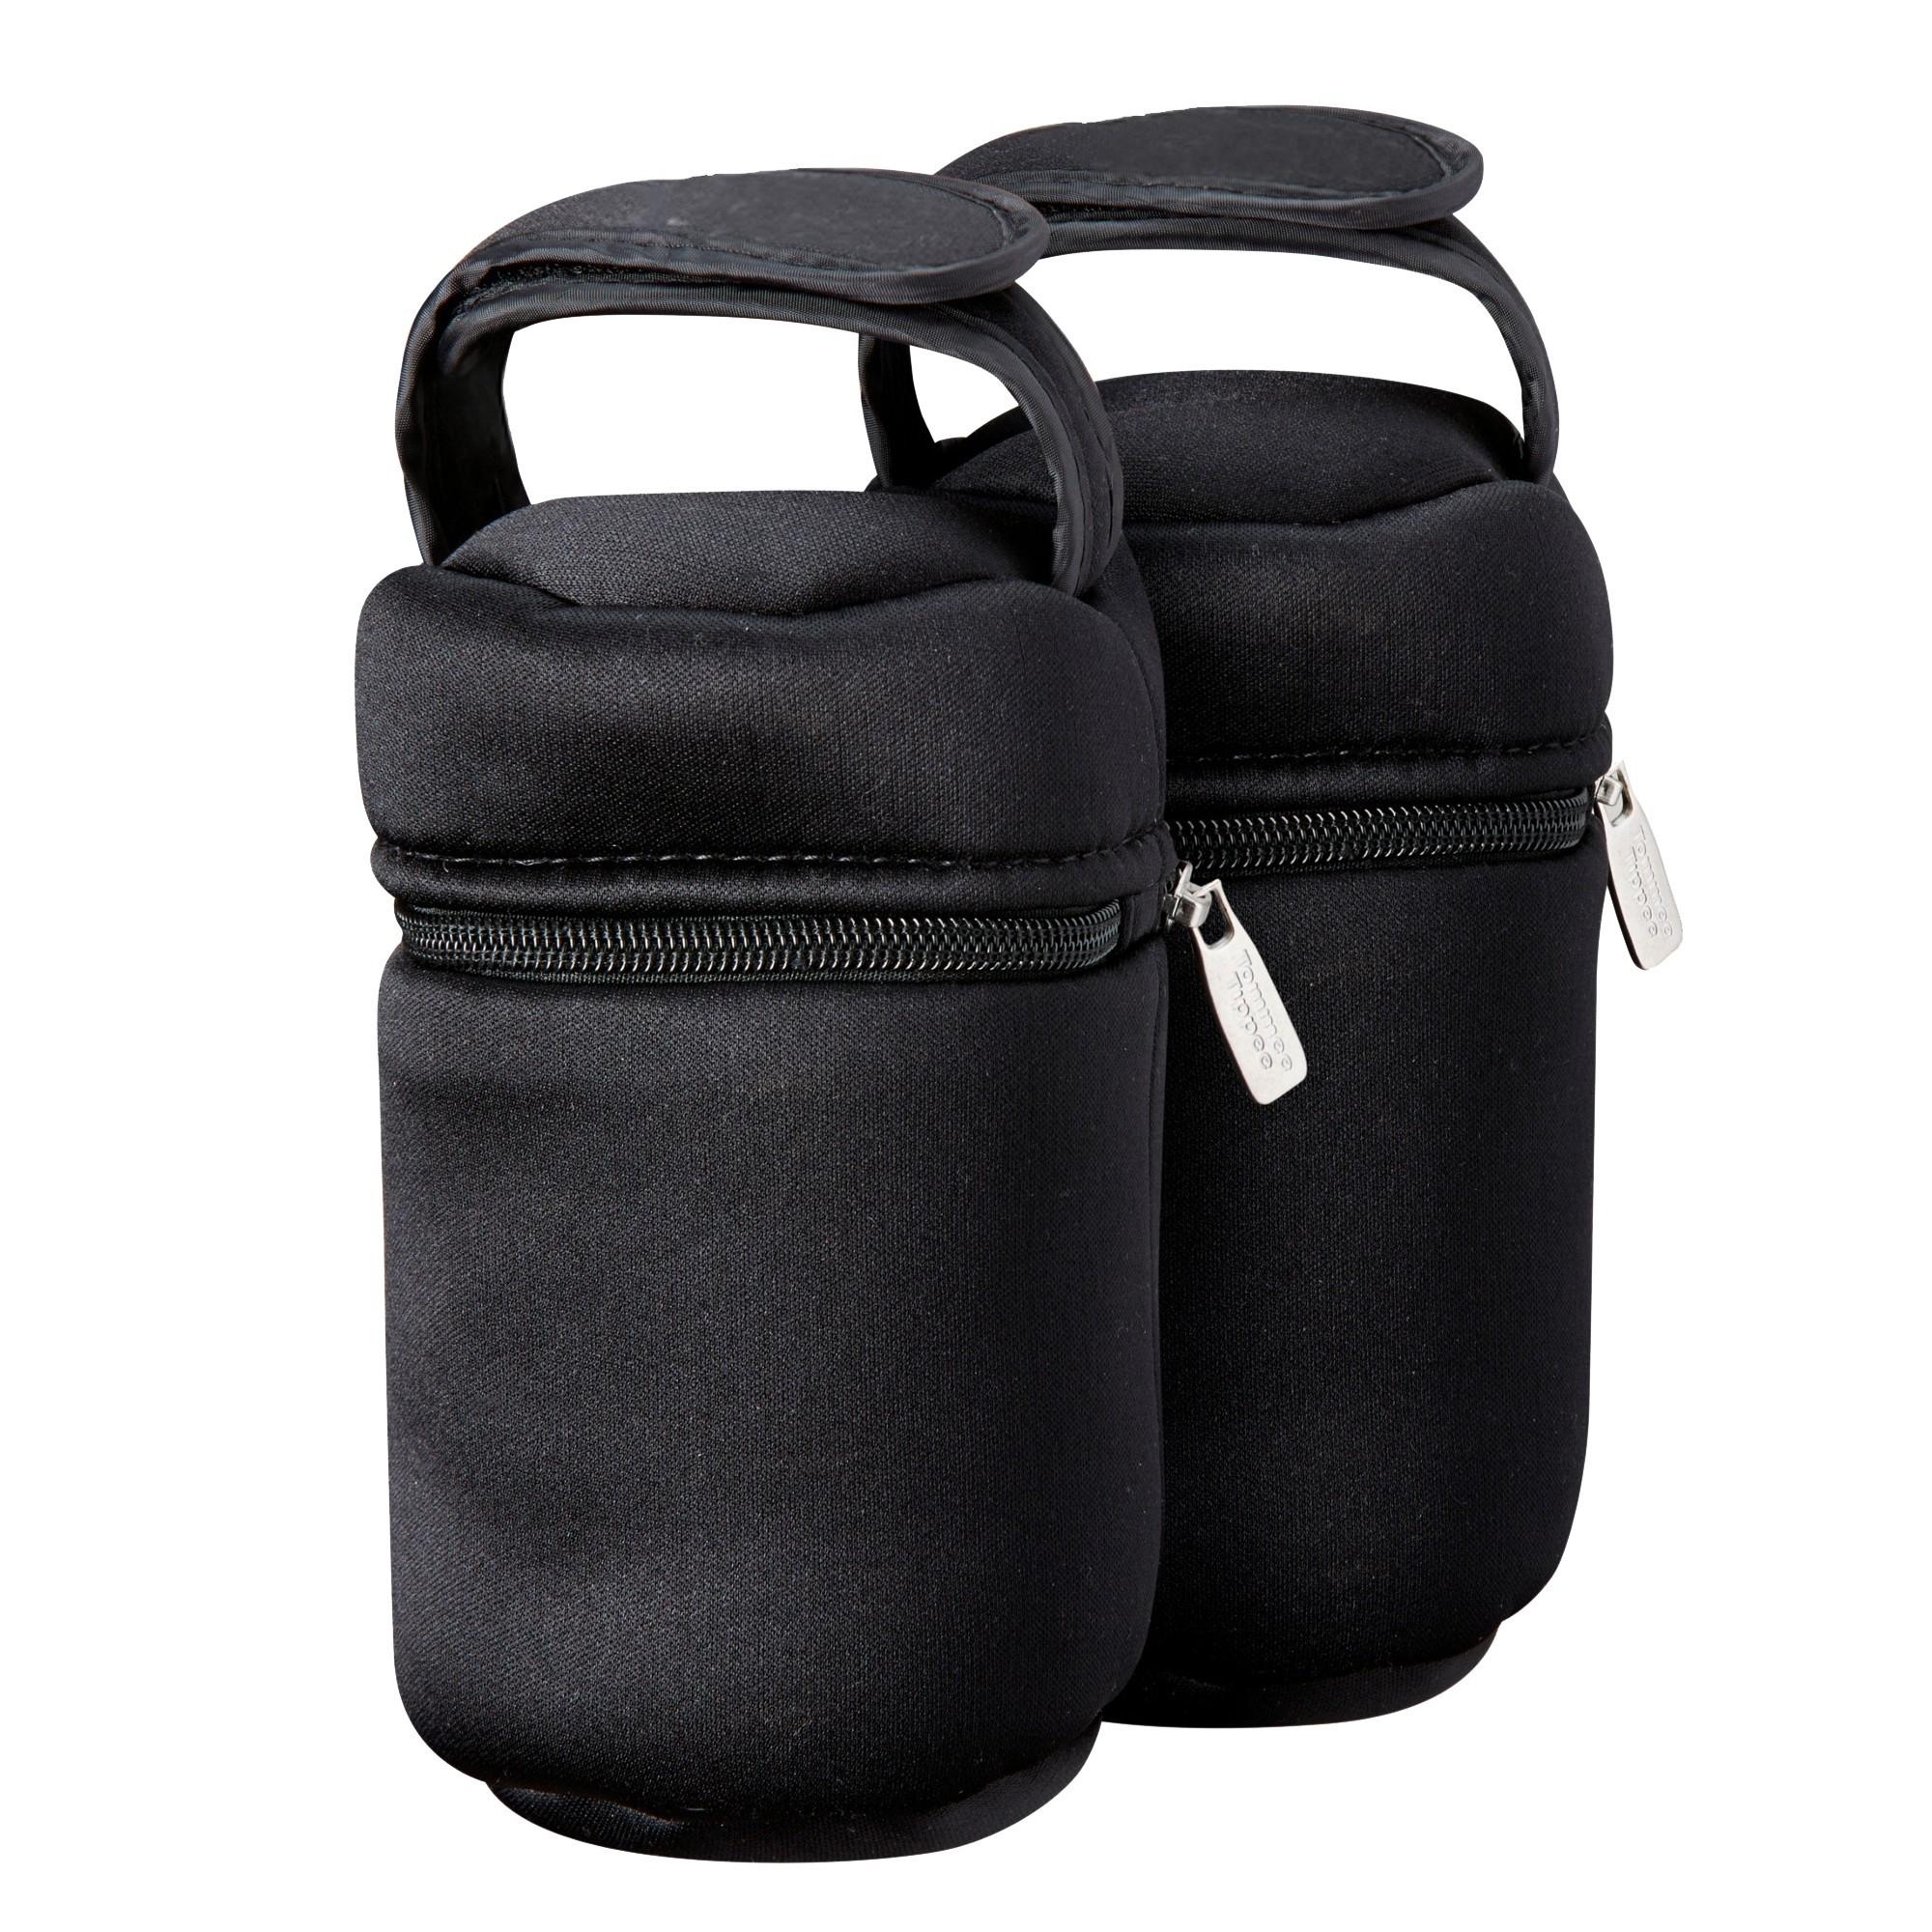 Купить Путешествие с ребенком, Термосумки для бутылочек Tommee Tippee 2 шт., Китай, black